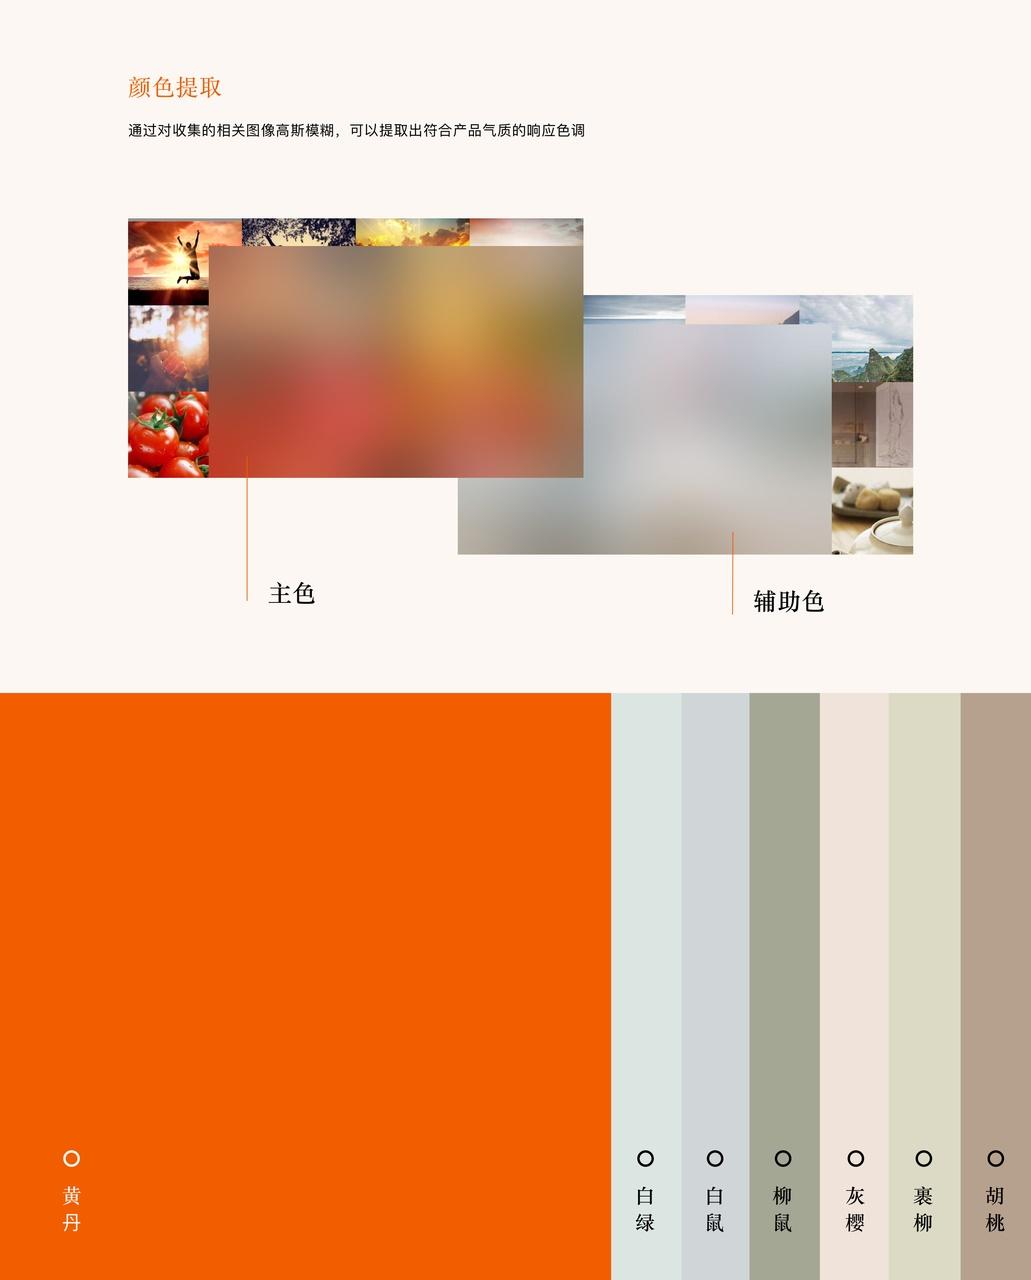 如何分析产品设计语言?用番茄小说的案例来教你!